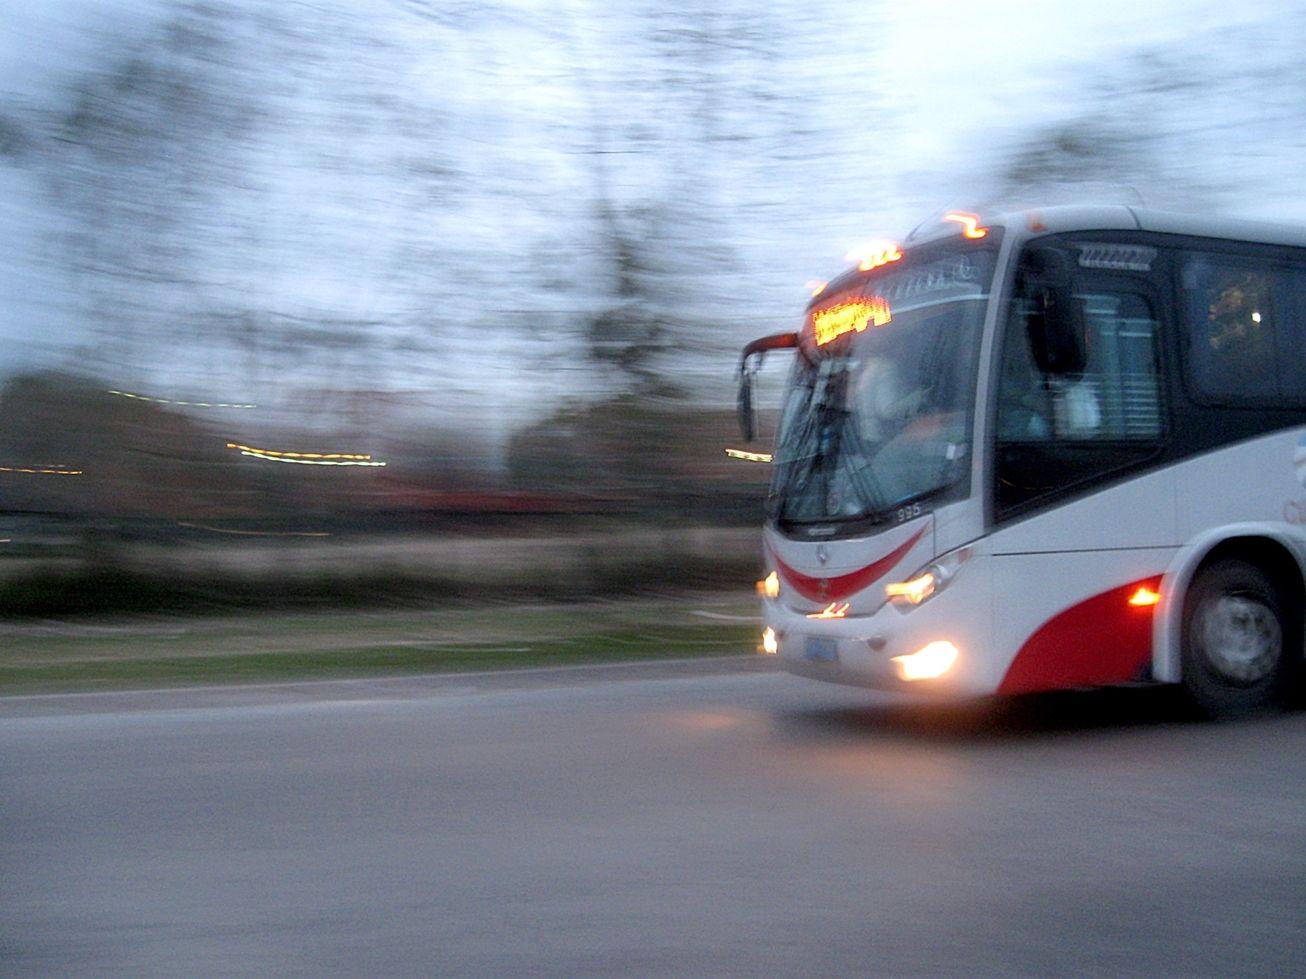 El conductor del fatidico accidente en Tarragona podria tan solo ser sancionado administrativamente